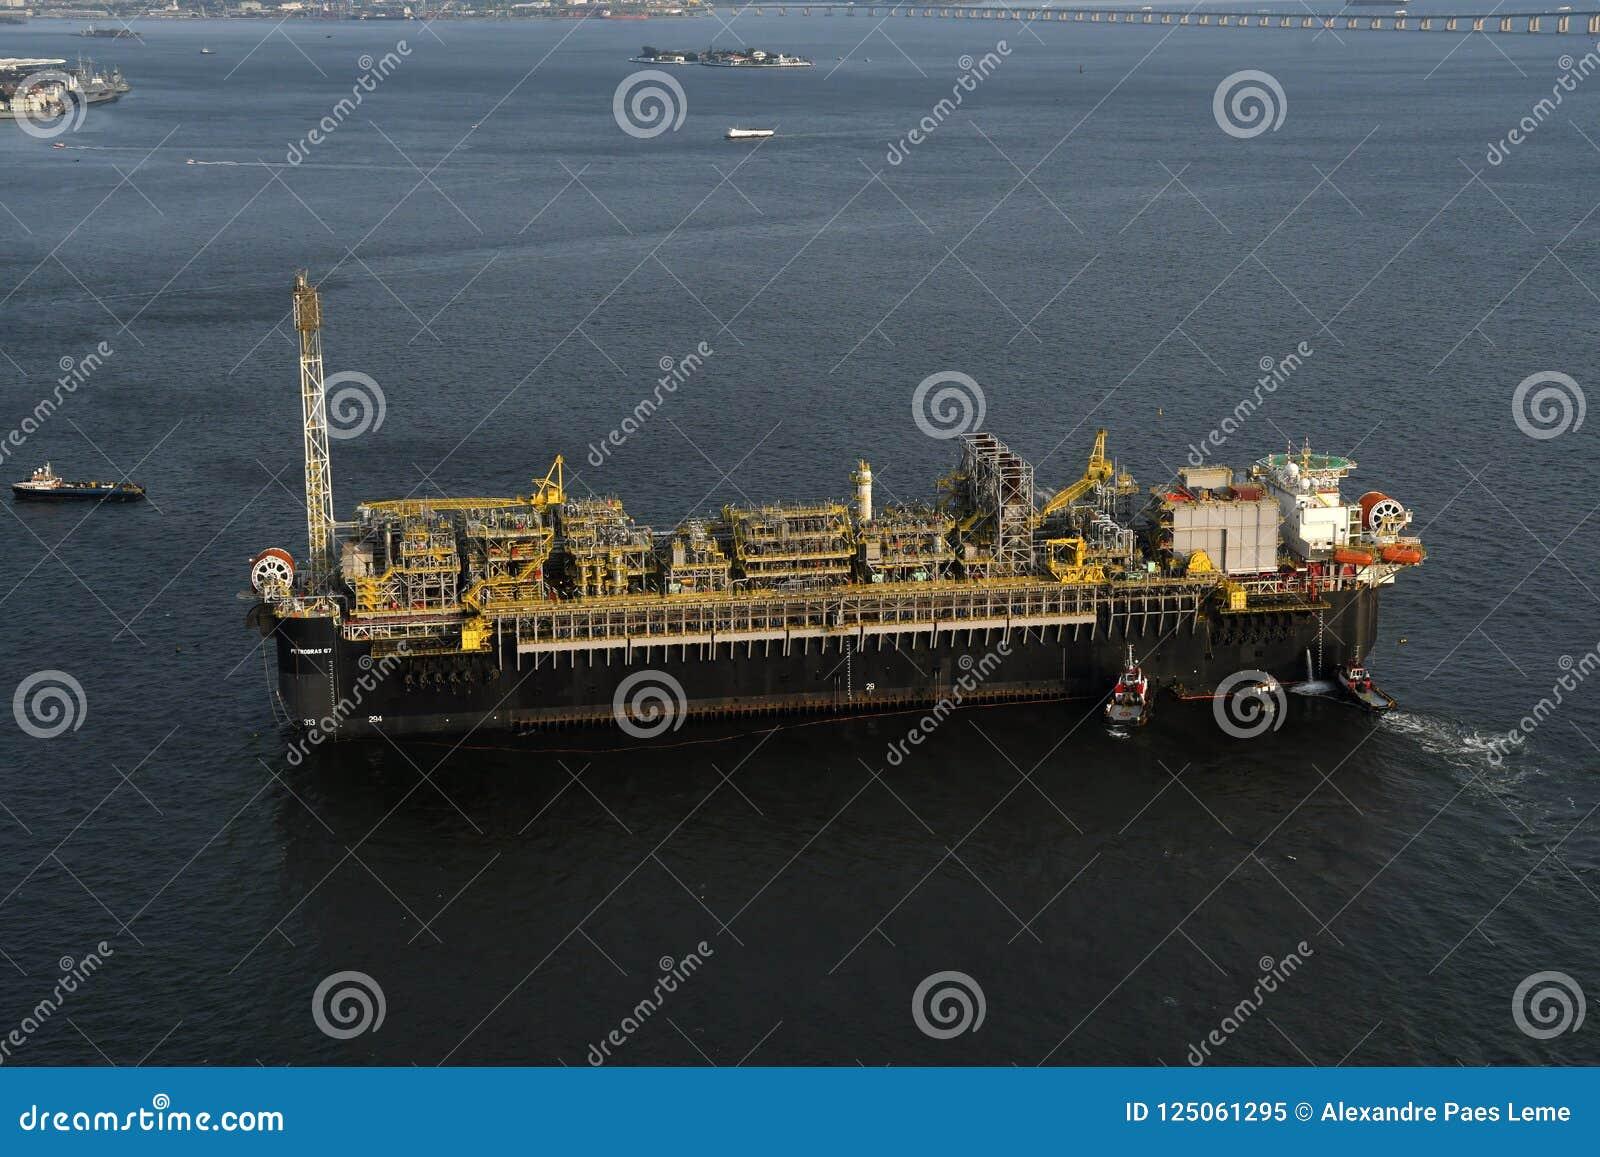 Plateforme pétrolière P67